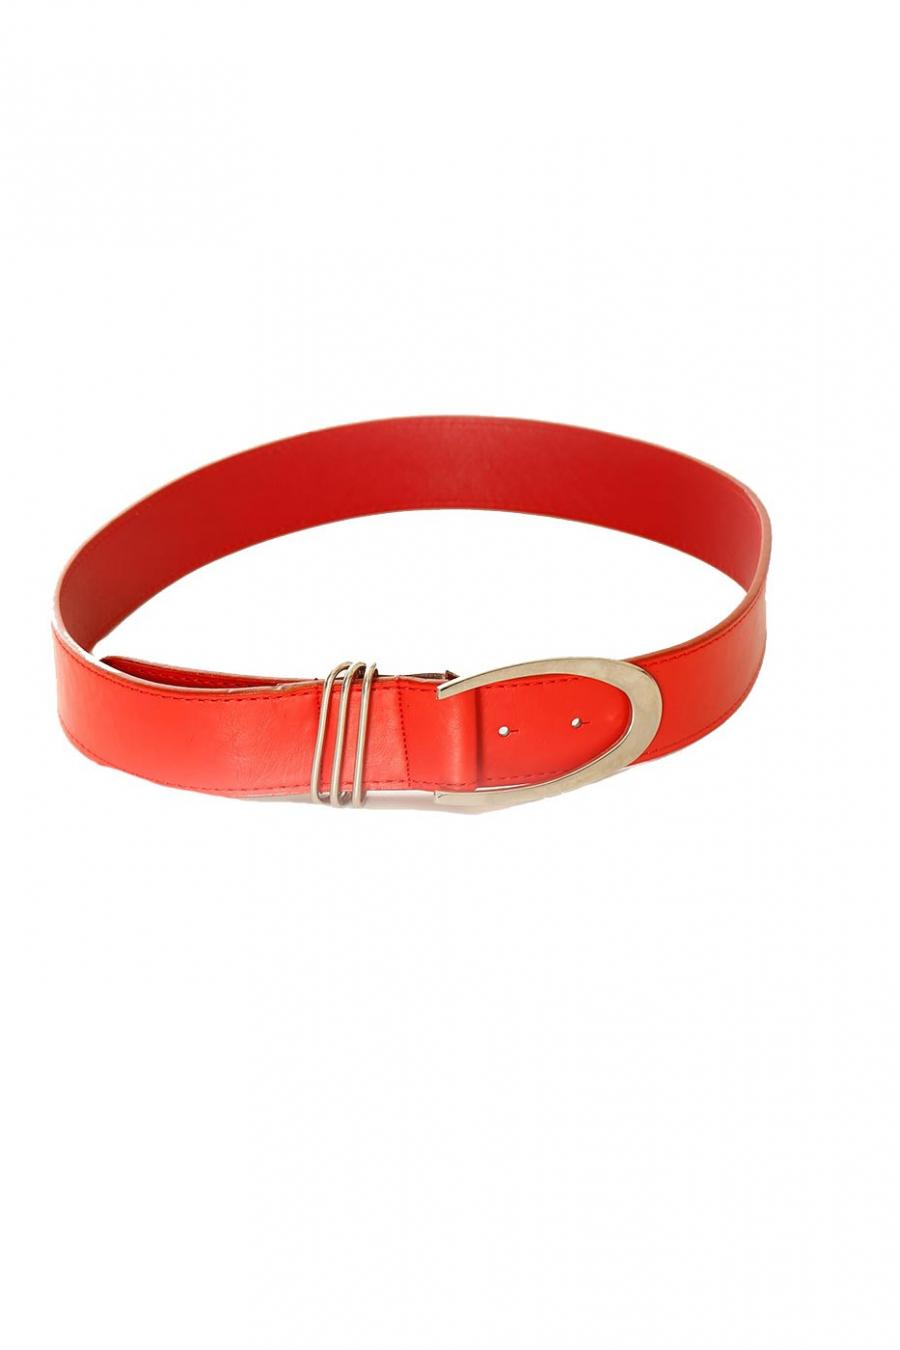 Basic Rode riem met zilveren gesp. BG-P0Z9